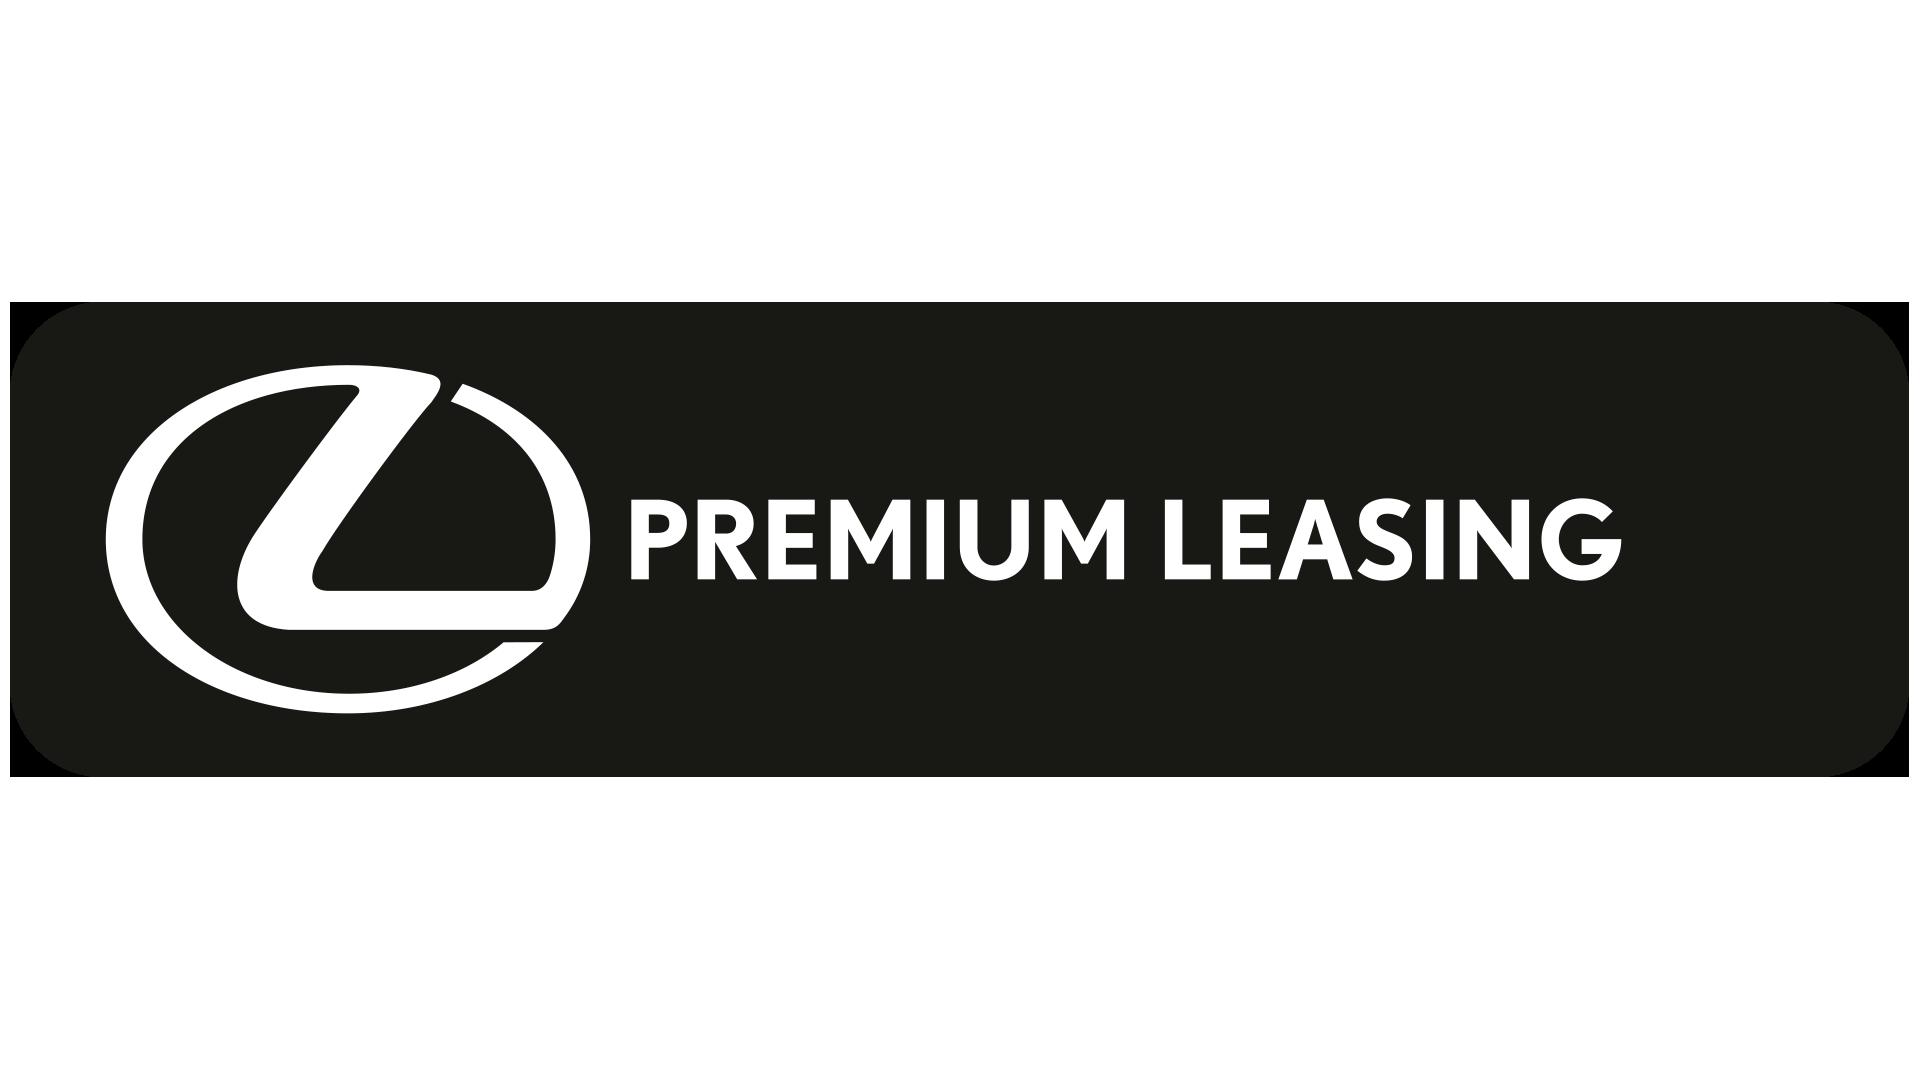 Lexus Premium leasing logo image